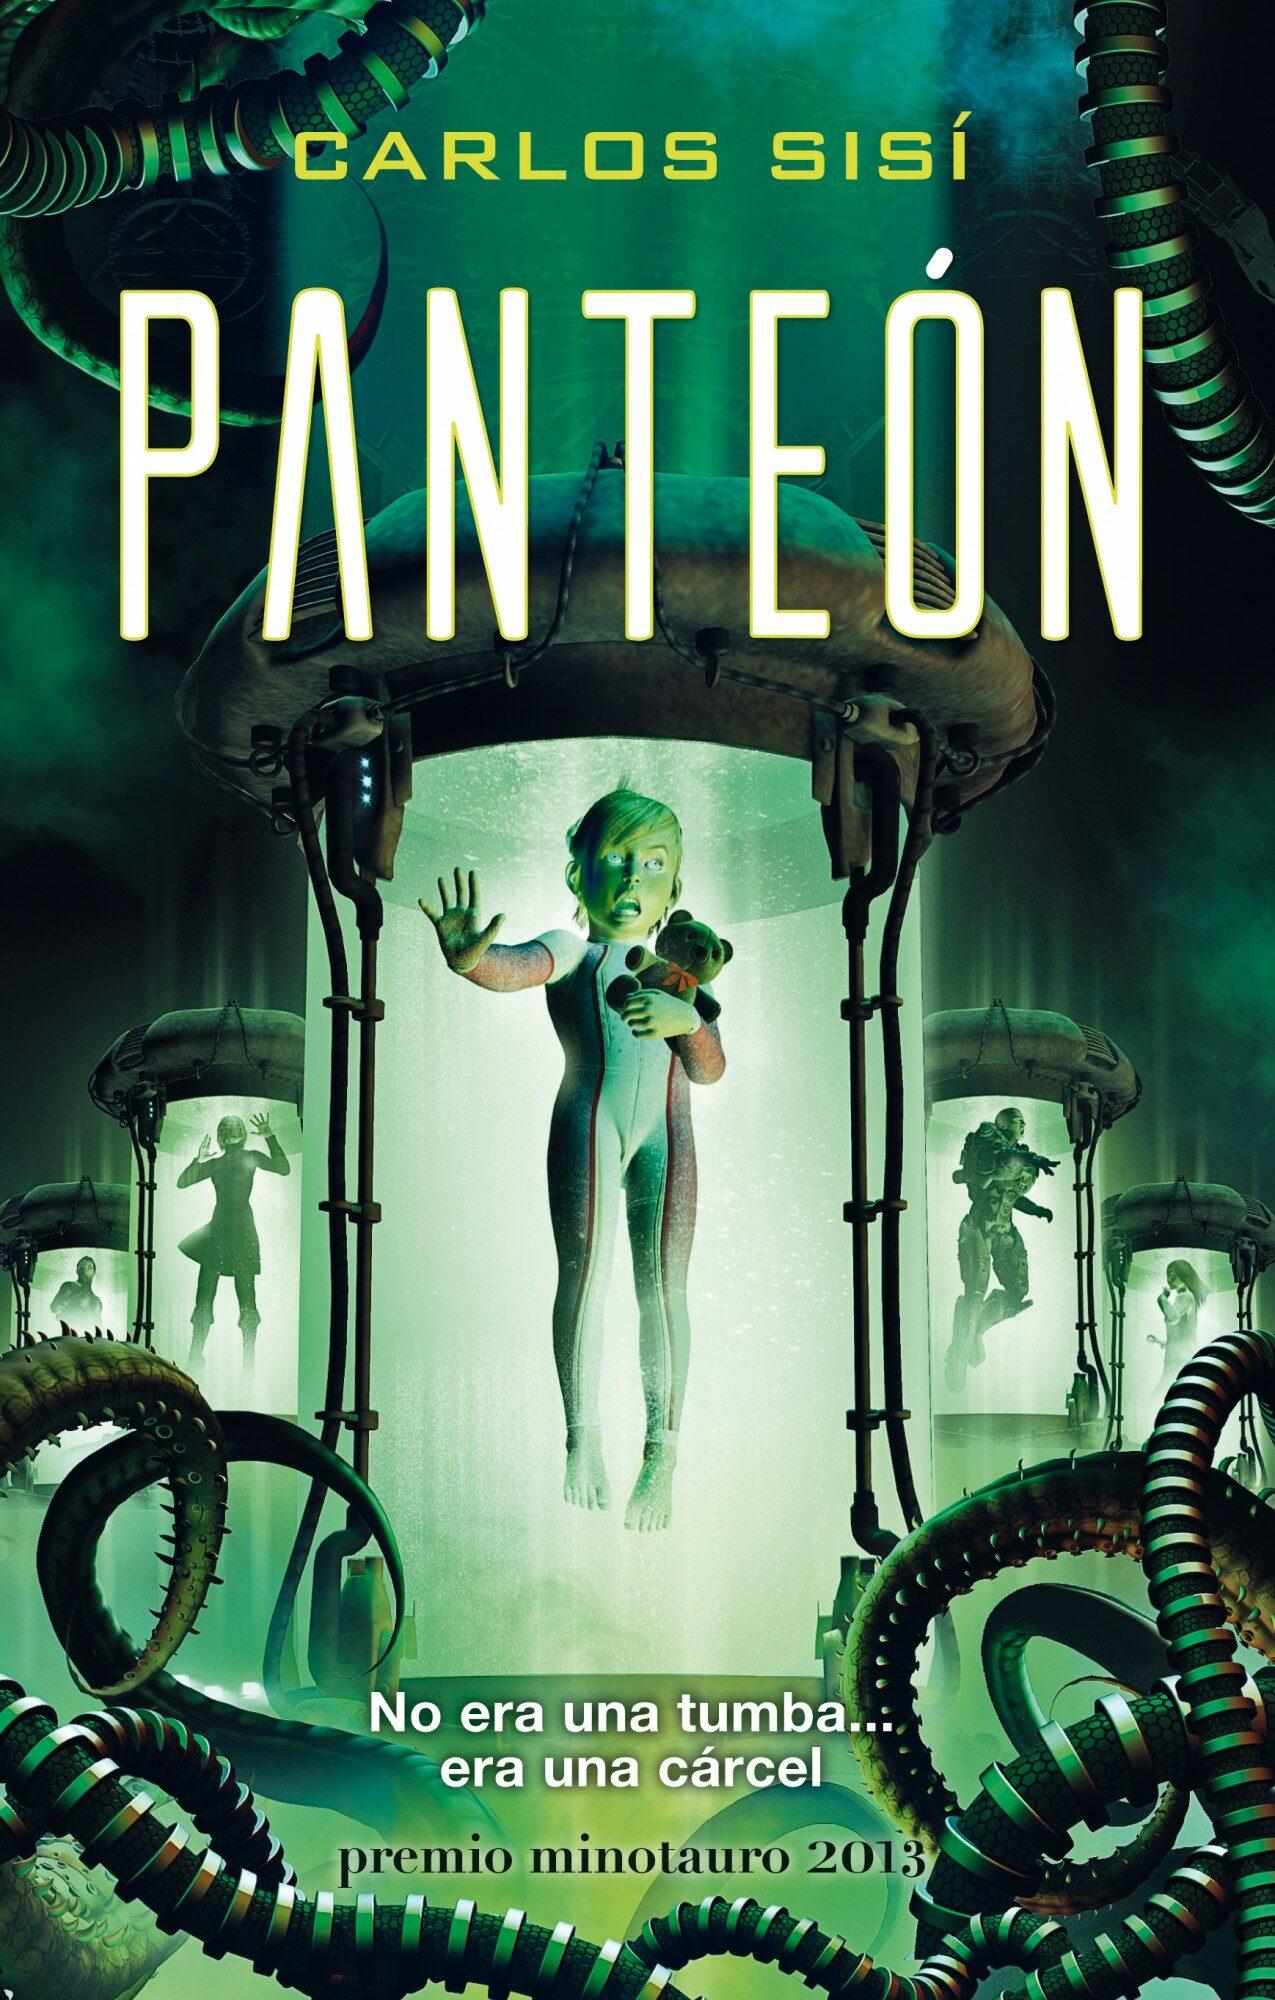 portada del libro de ciencia ficción Panteón, de Carlos Sisí